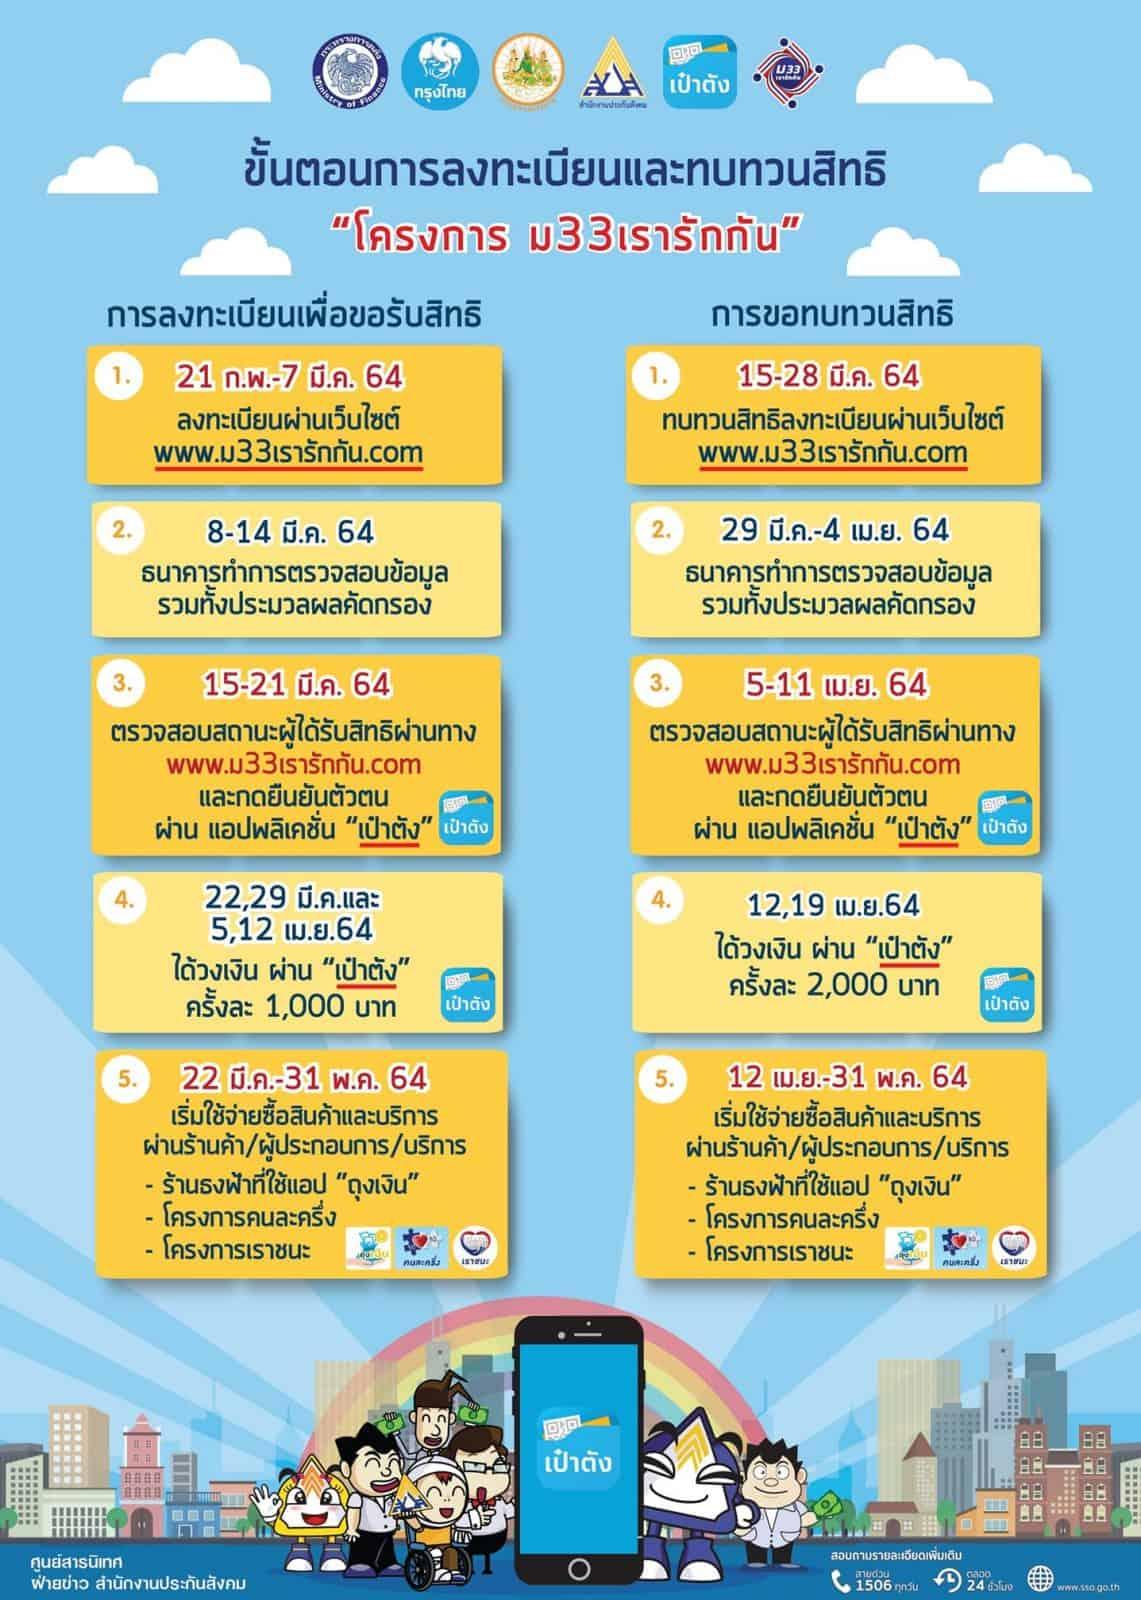 #สรุปให้ www.ม.33เรารักกัน.com ลงทะเบียนถึงวันไหน ?